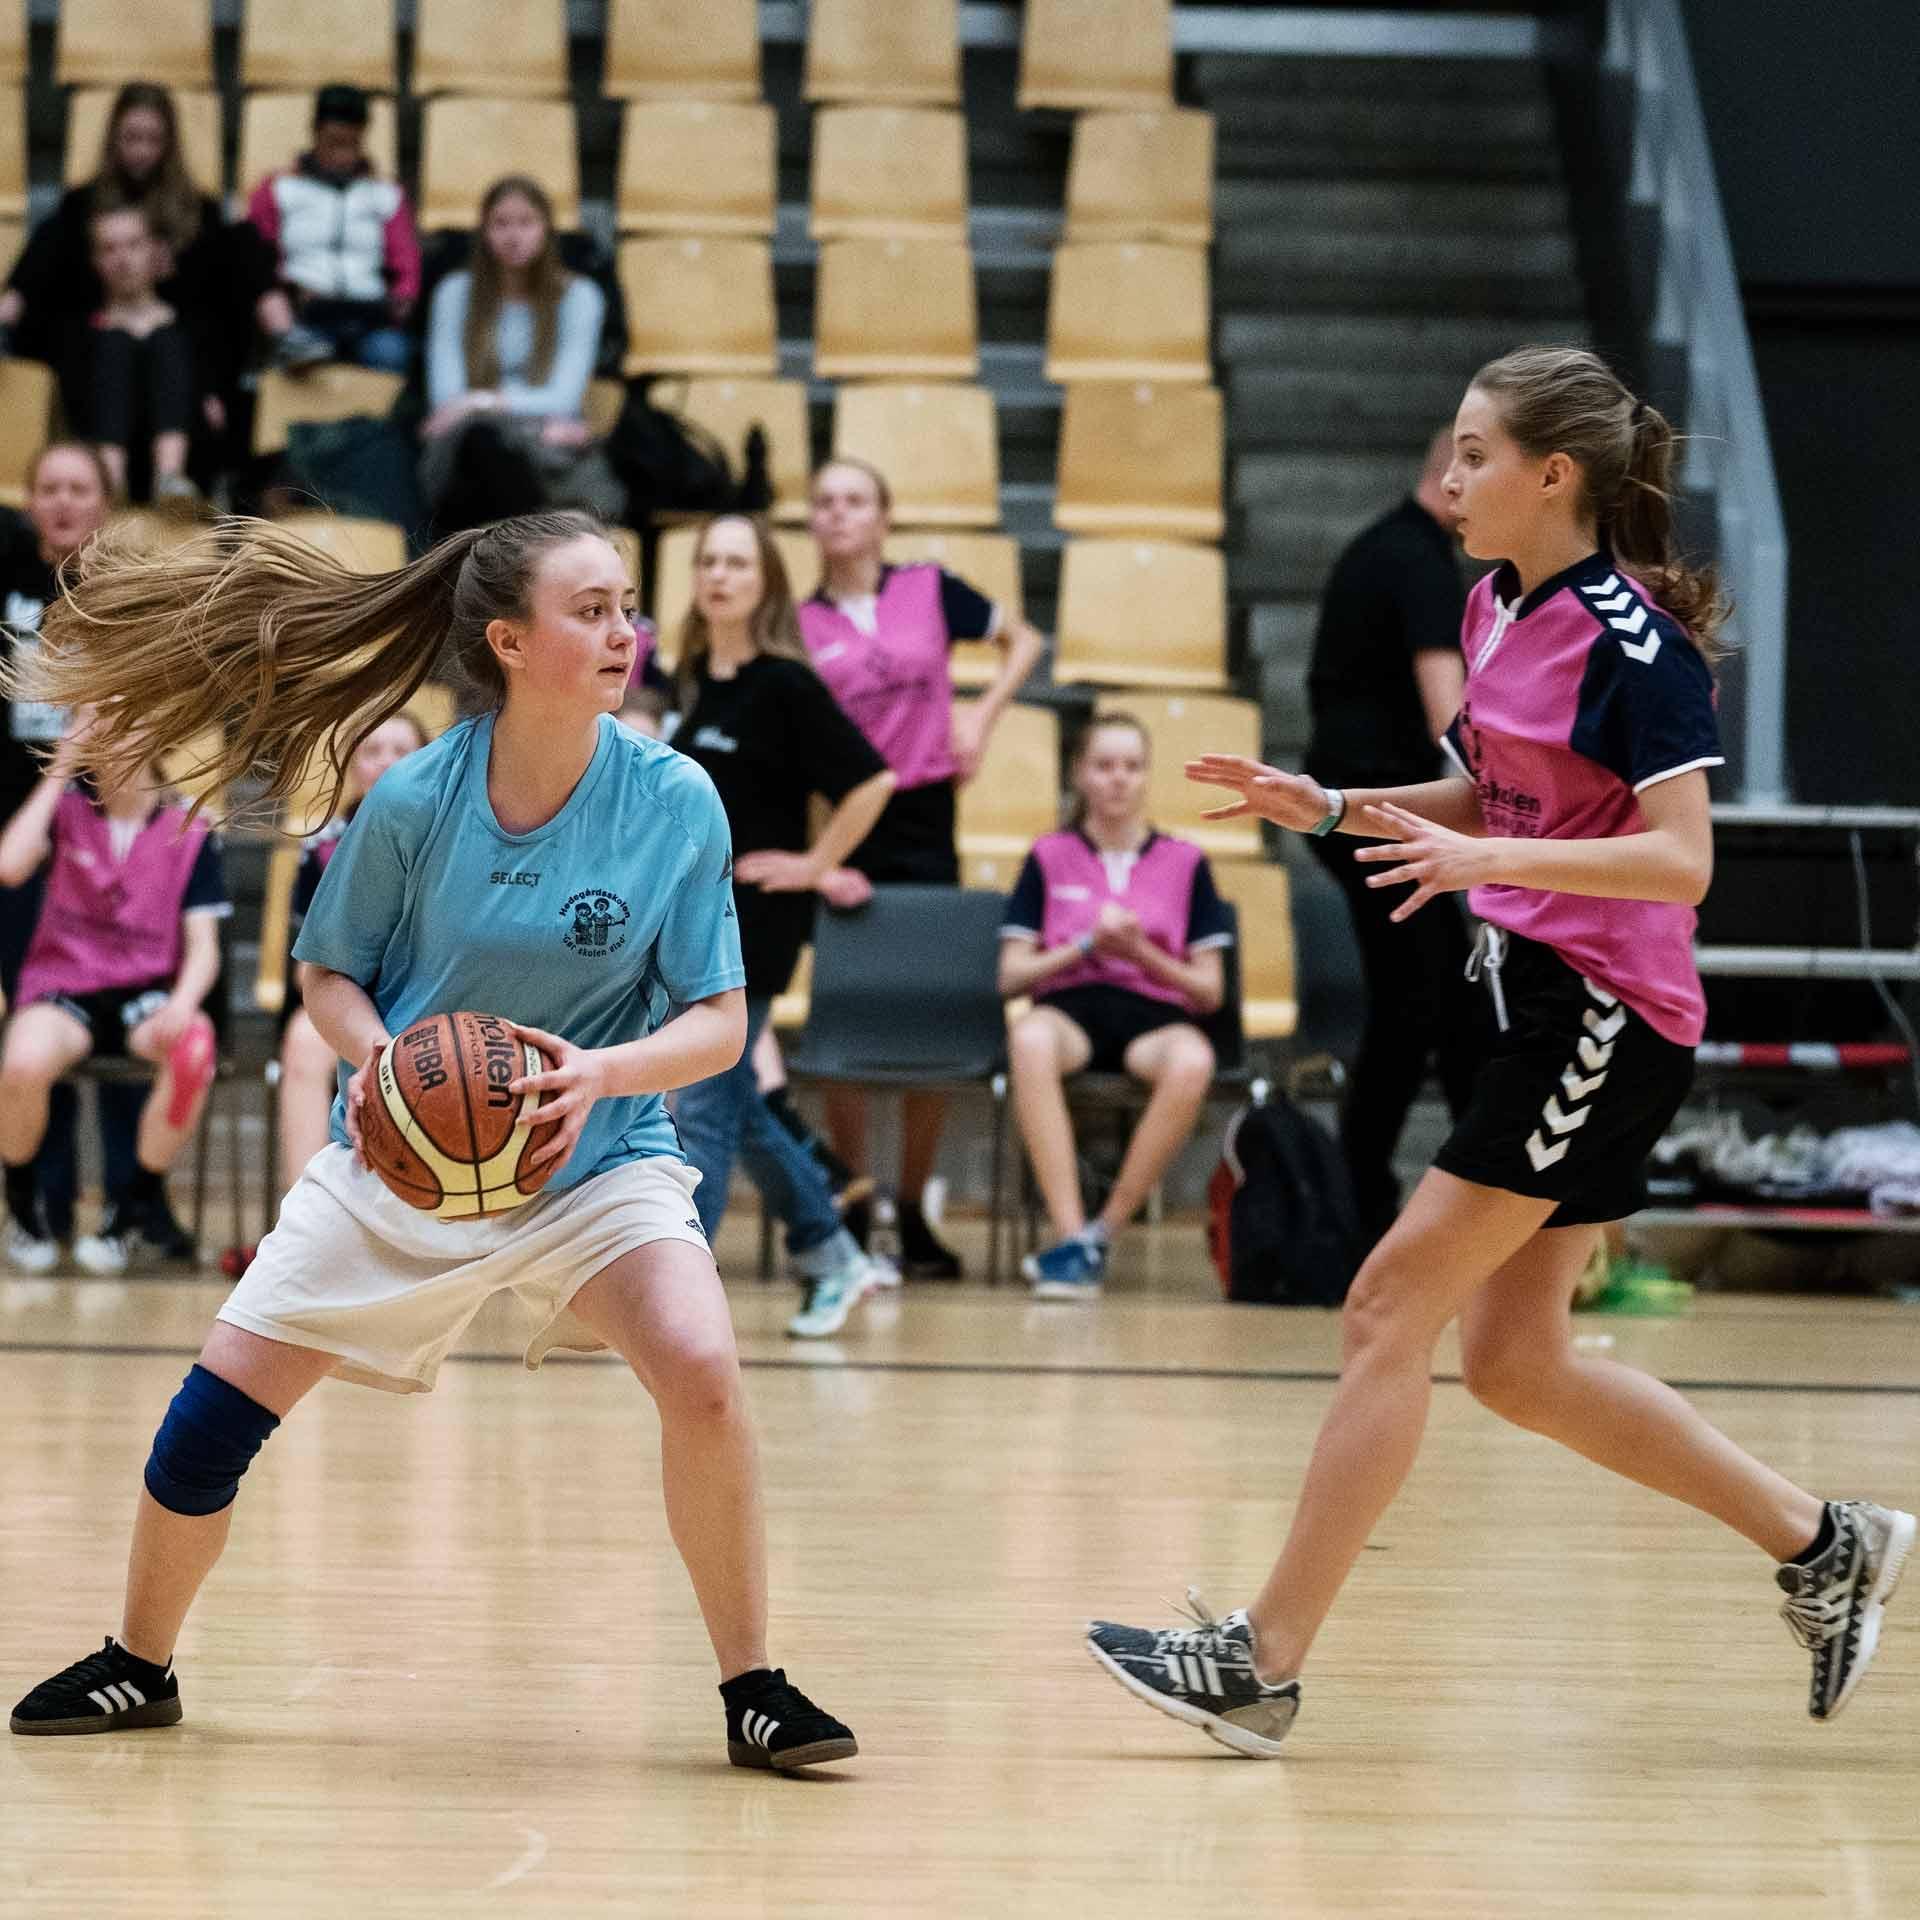 DM i Skolebasket 2017 blev afholdt i Horsens. 8. klasser fra 19 forskellige skoler dystede om titlen.